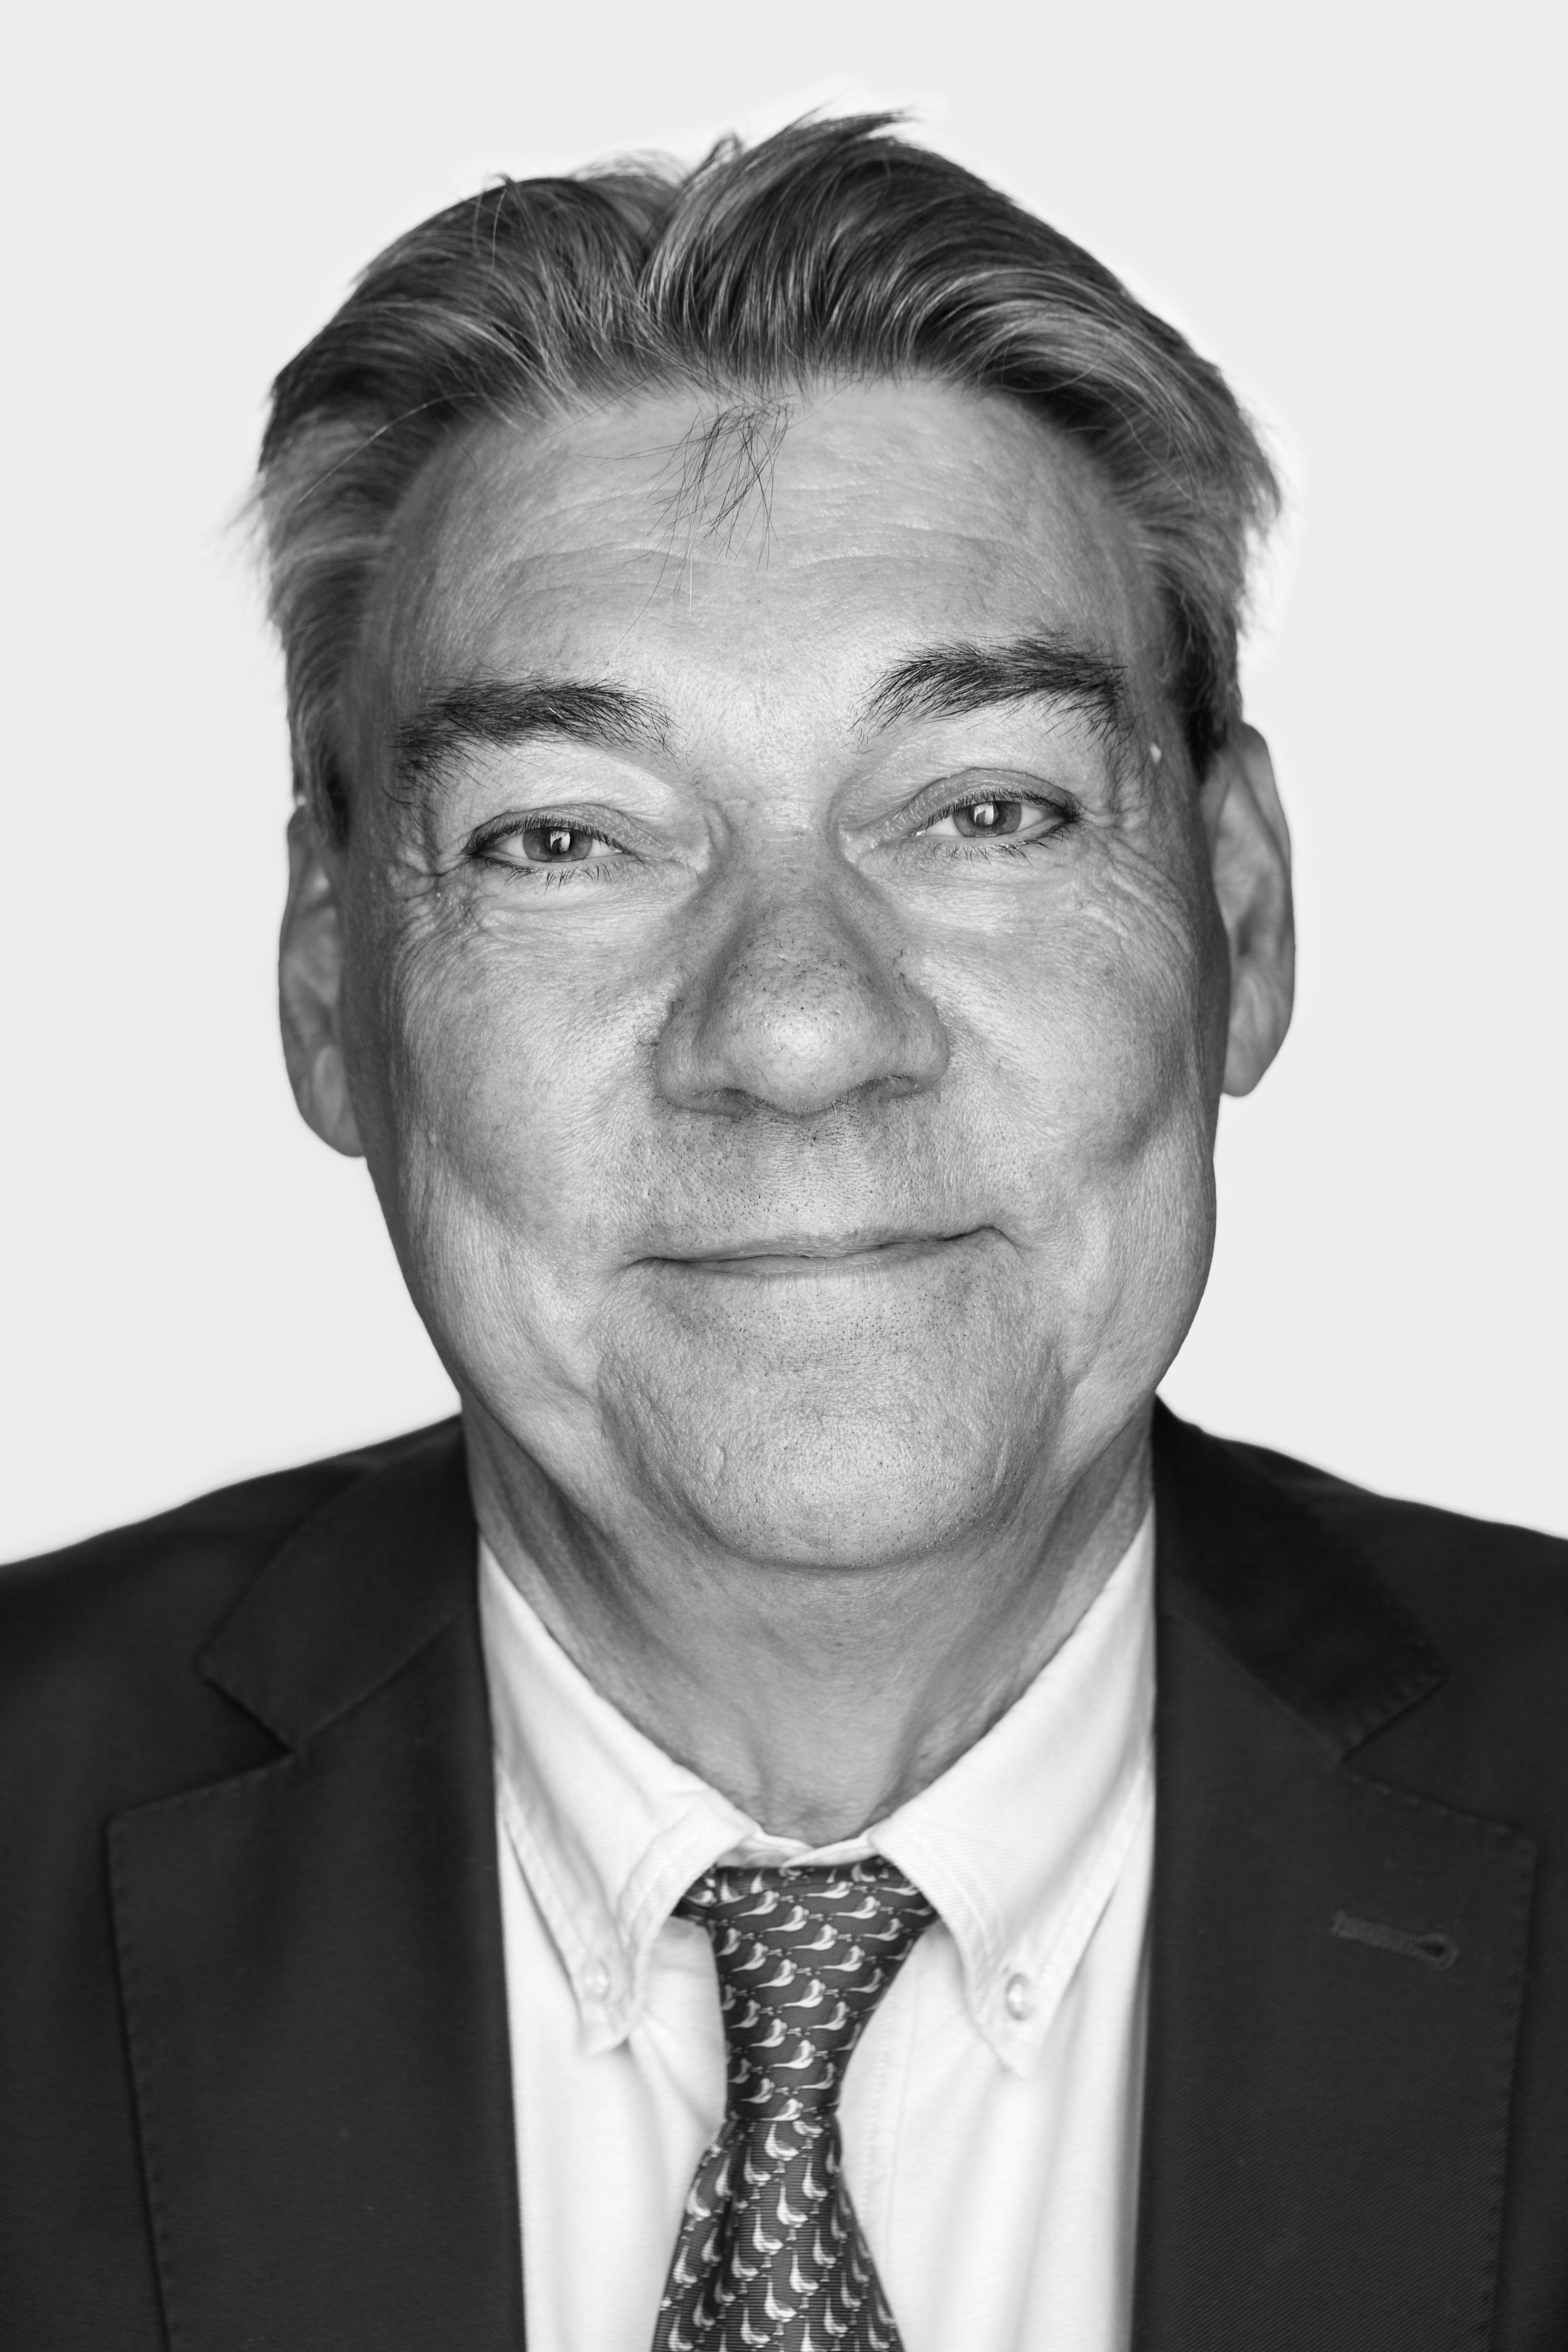 Nils-Erik Jidemo